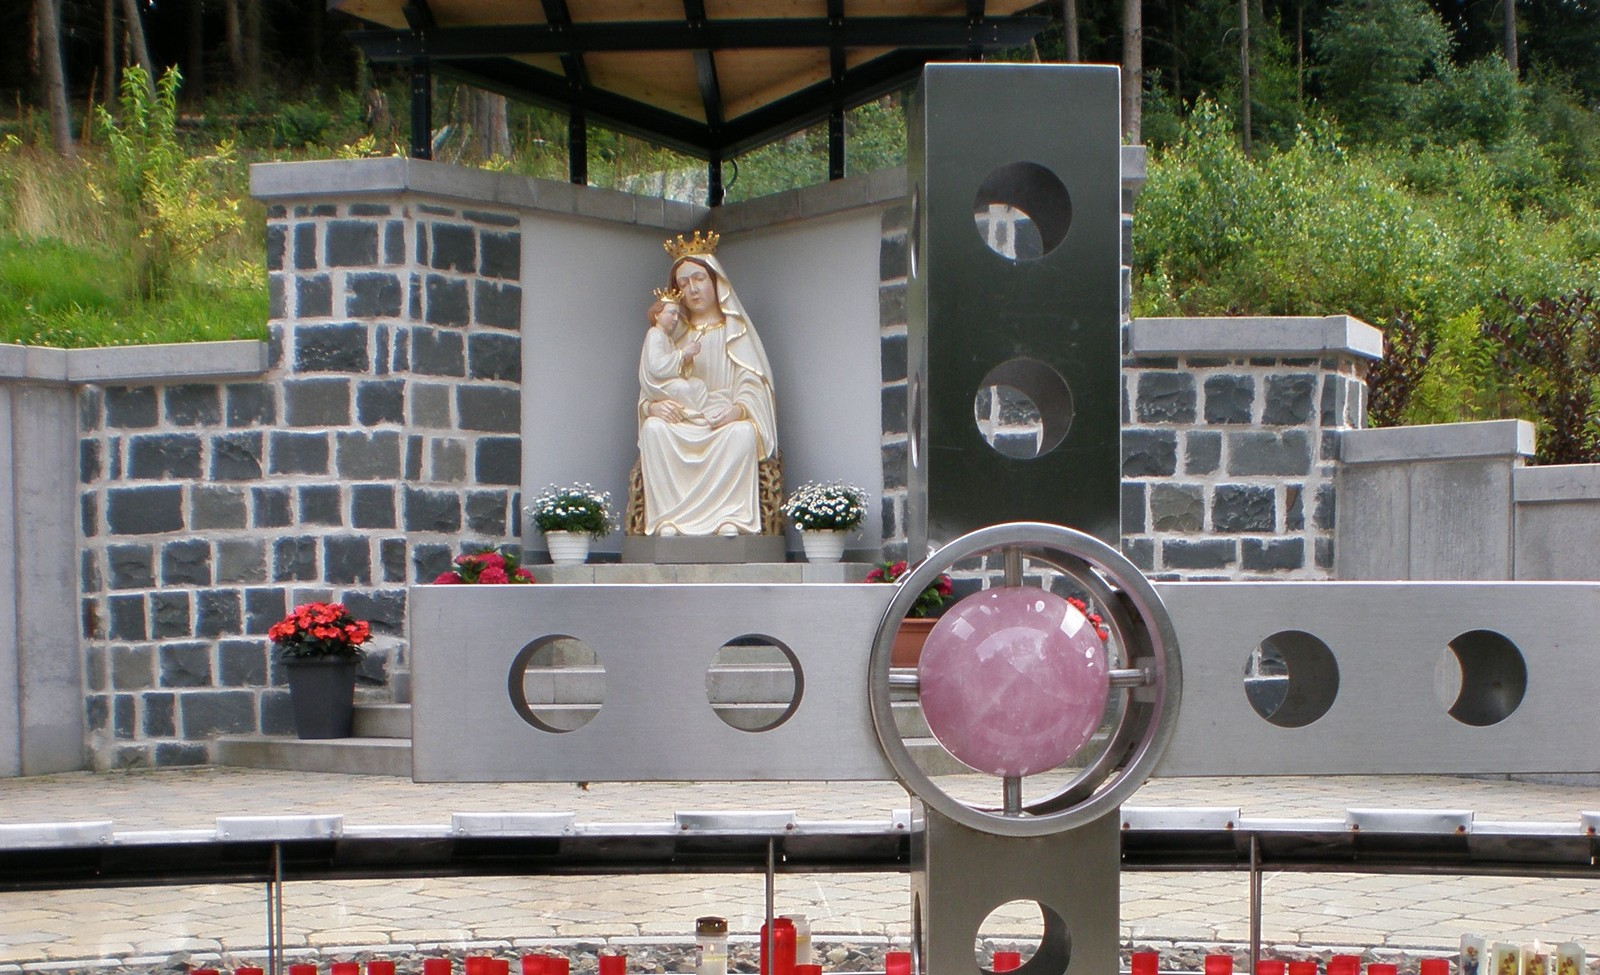 Inmaculada Concepción de Marpingen, 3 Apariciones en los Siglos, Alemania (17 may)